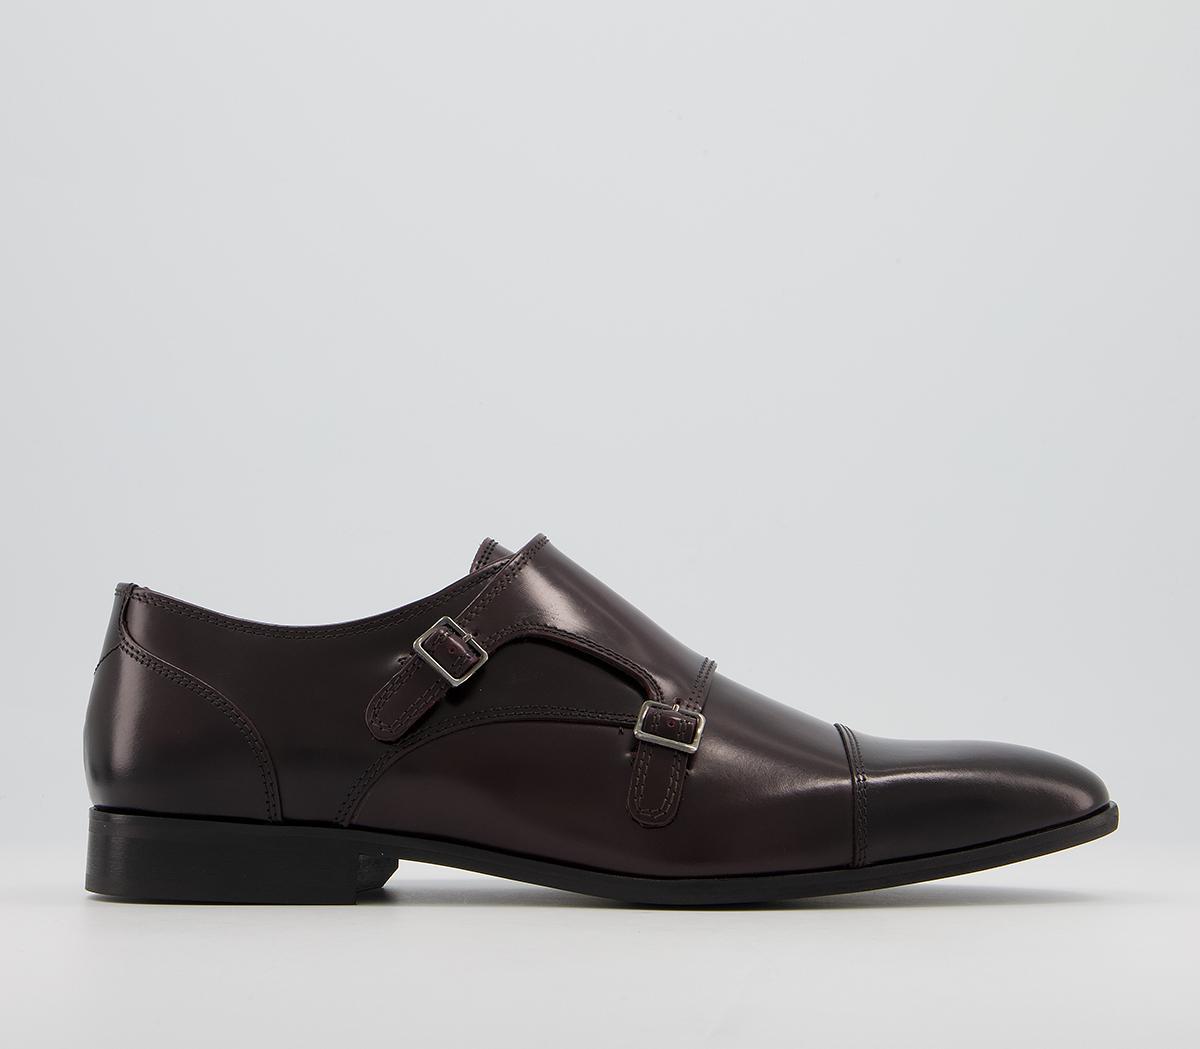 Pascal Toecap Monk Shoes